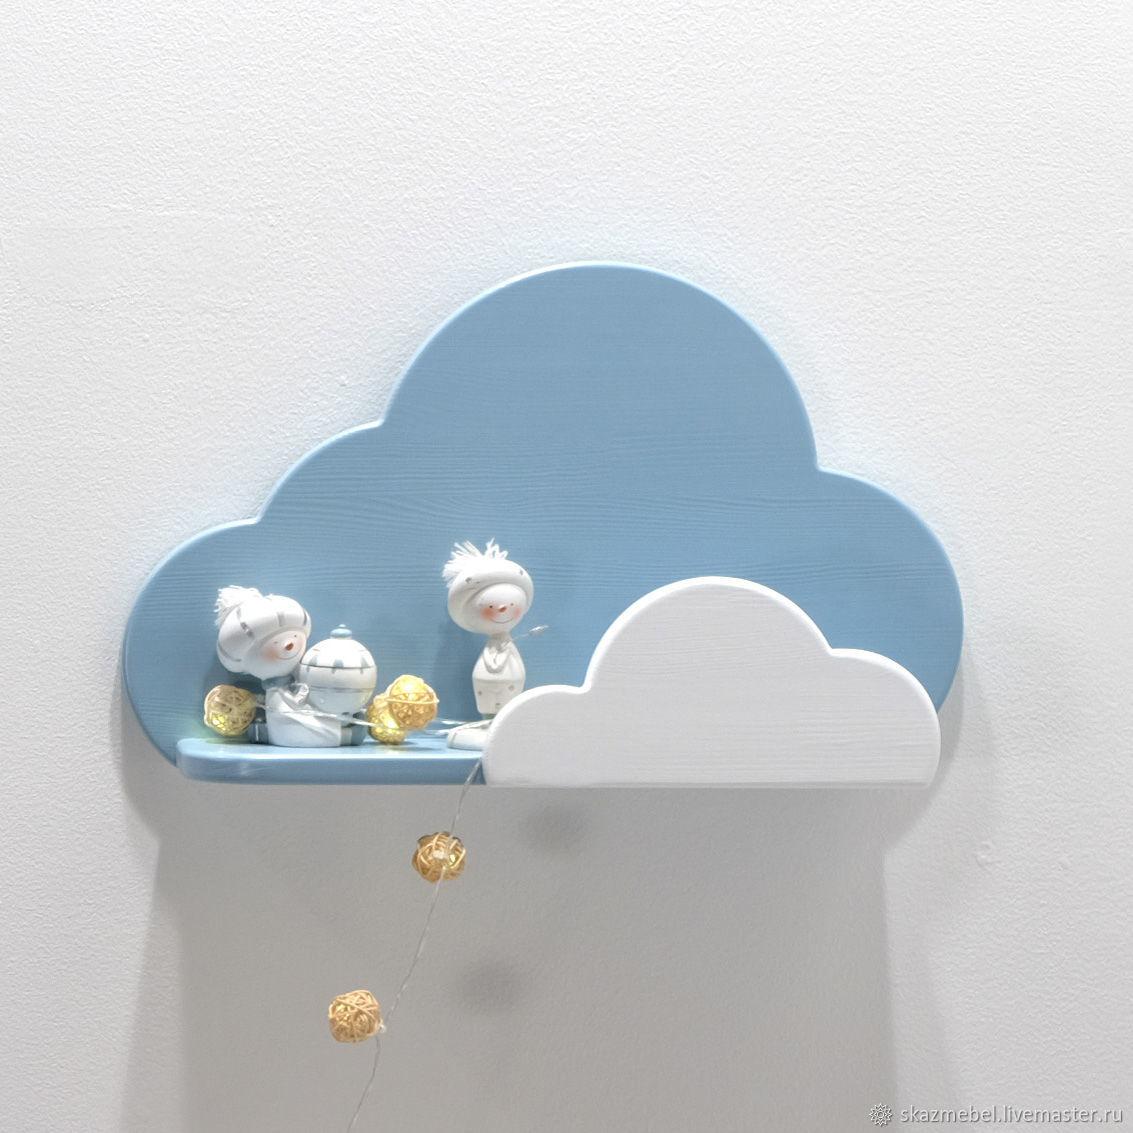 Детская ручной работы. Ярмарка Мастеров - ручная работа. Купить Полка Облачко Голубая с белым. Handmade. Голубой, натуральное дерево